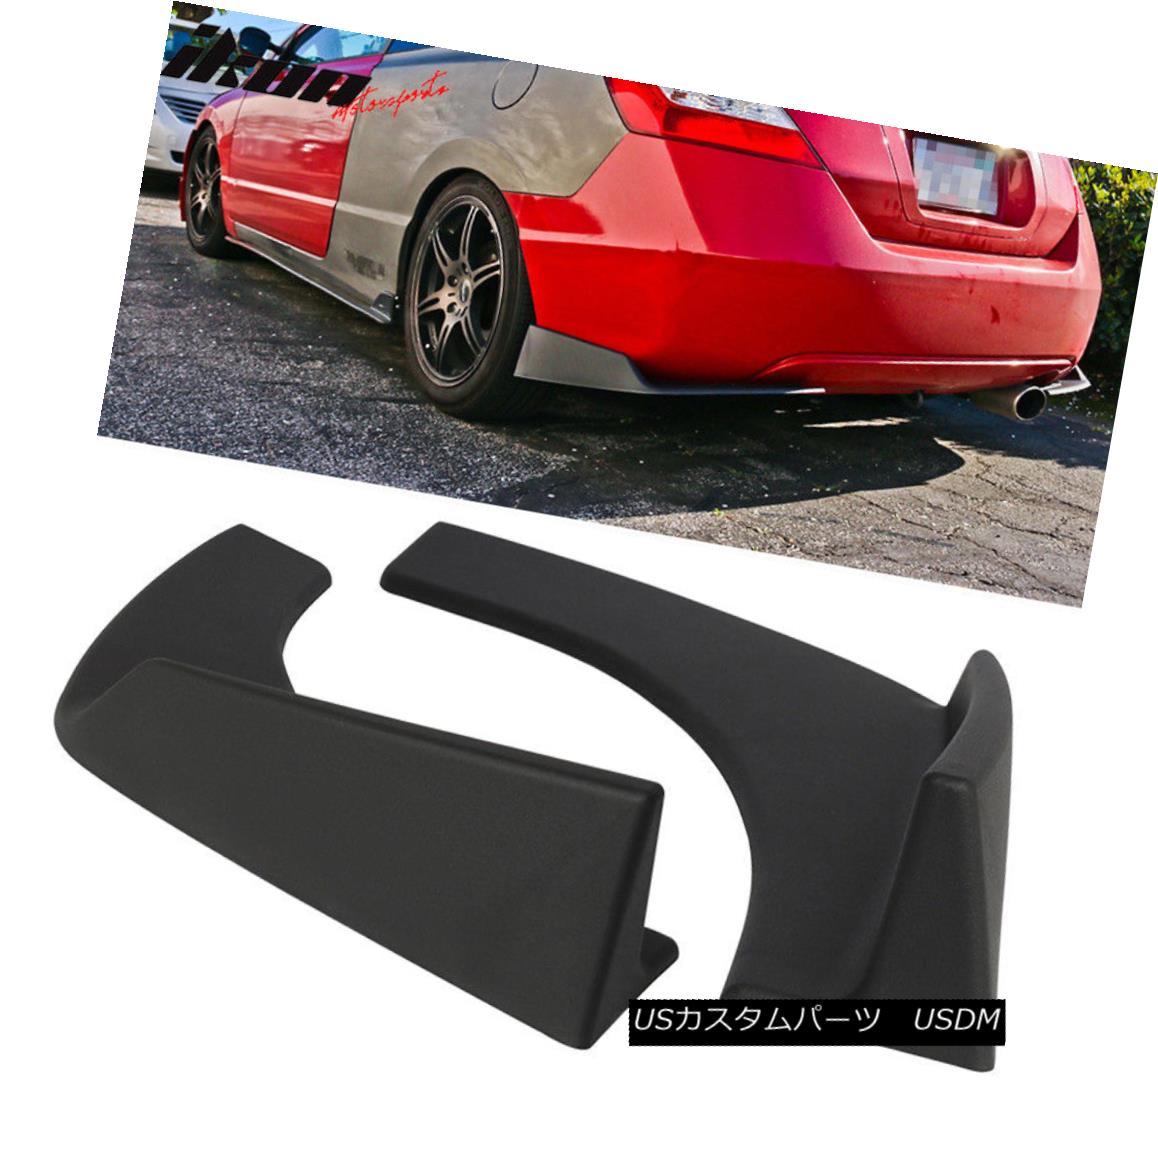 エアロパーツ Universal Fit Front Rear Bumper Lip Splitters Winglets Canards 30x4 Inch 2PC PP ユニバーサルフィットフロントリアバンパーリップスプリッターウイングレットカナード30x4インチ2PC PP